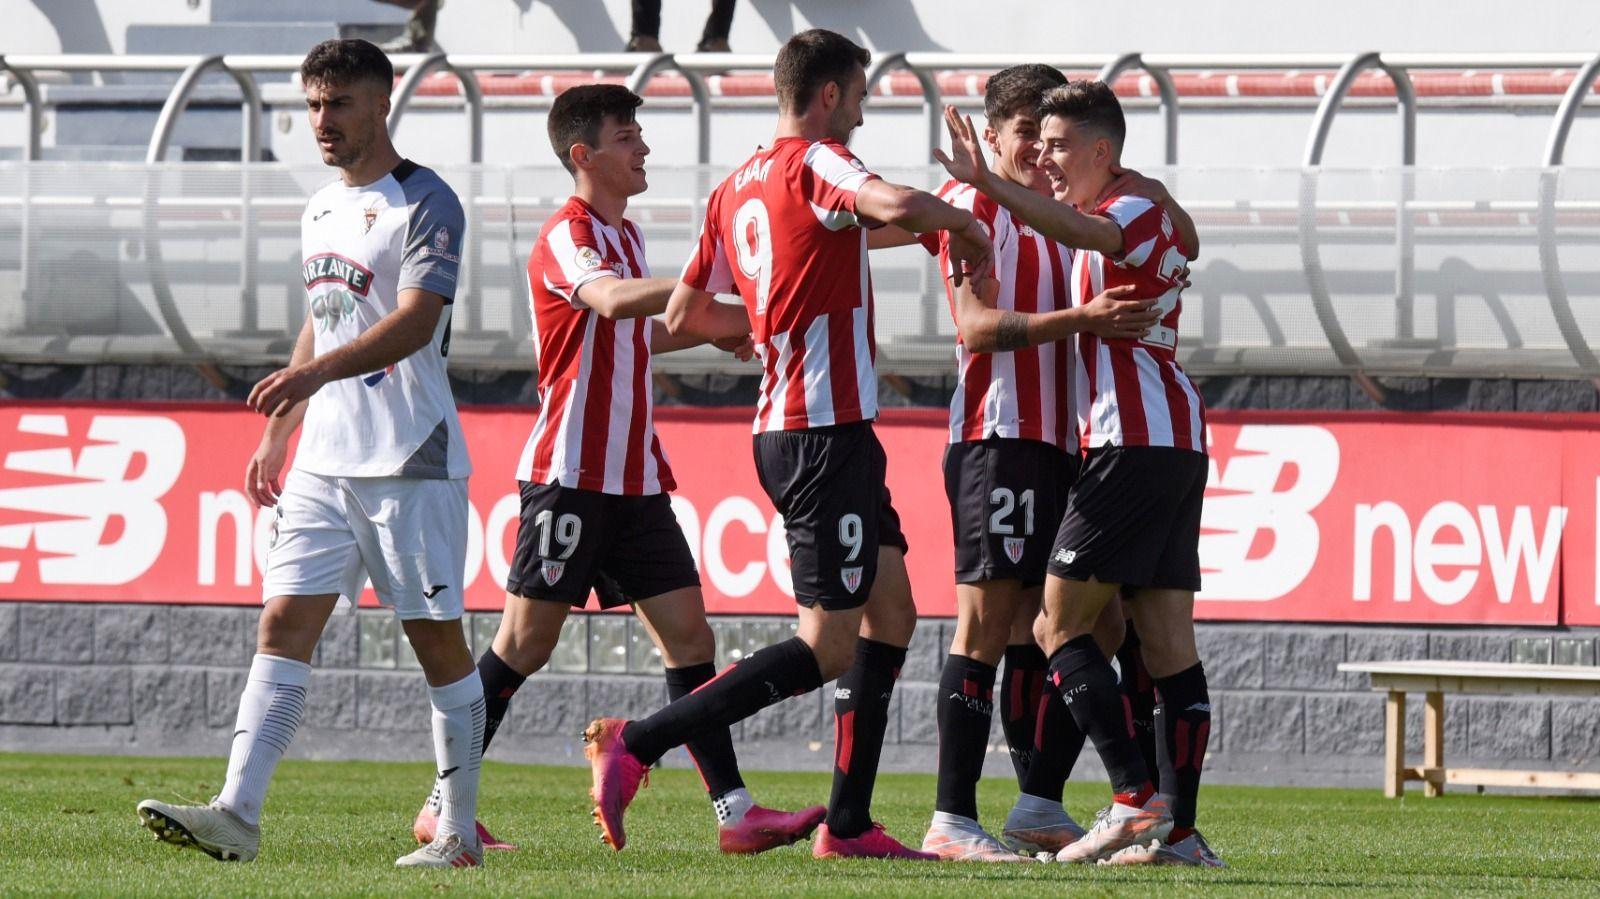 Jugadores del Bilbao Athletic celebran un gol